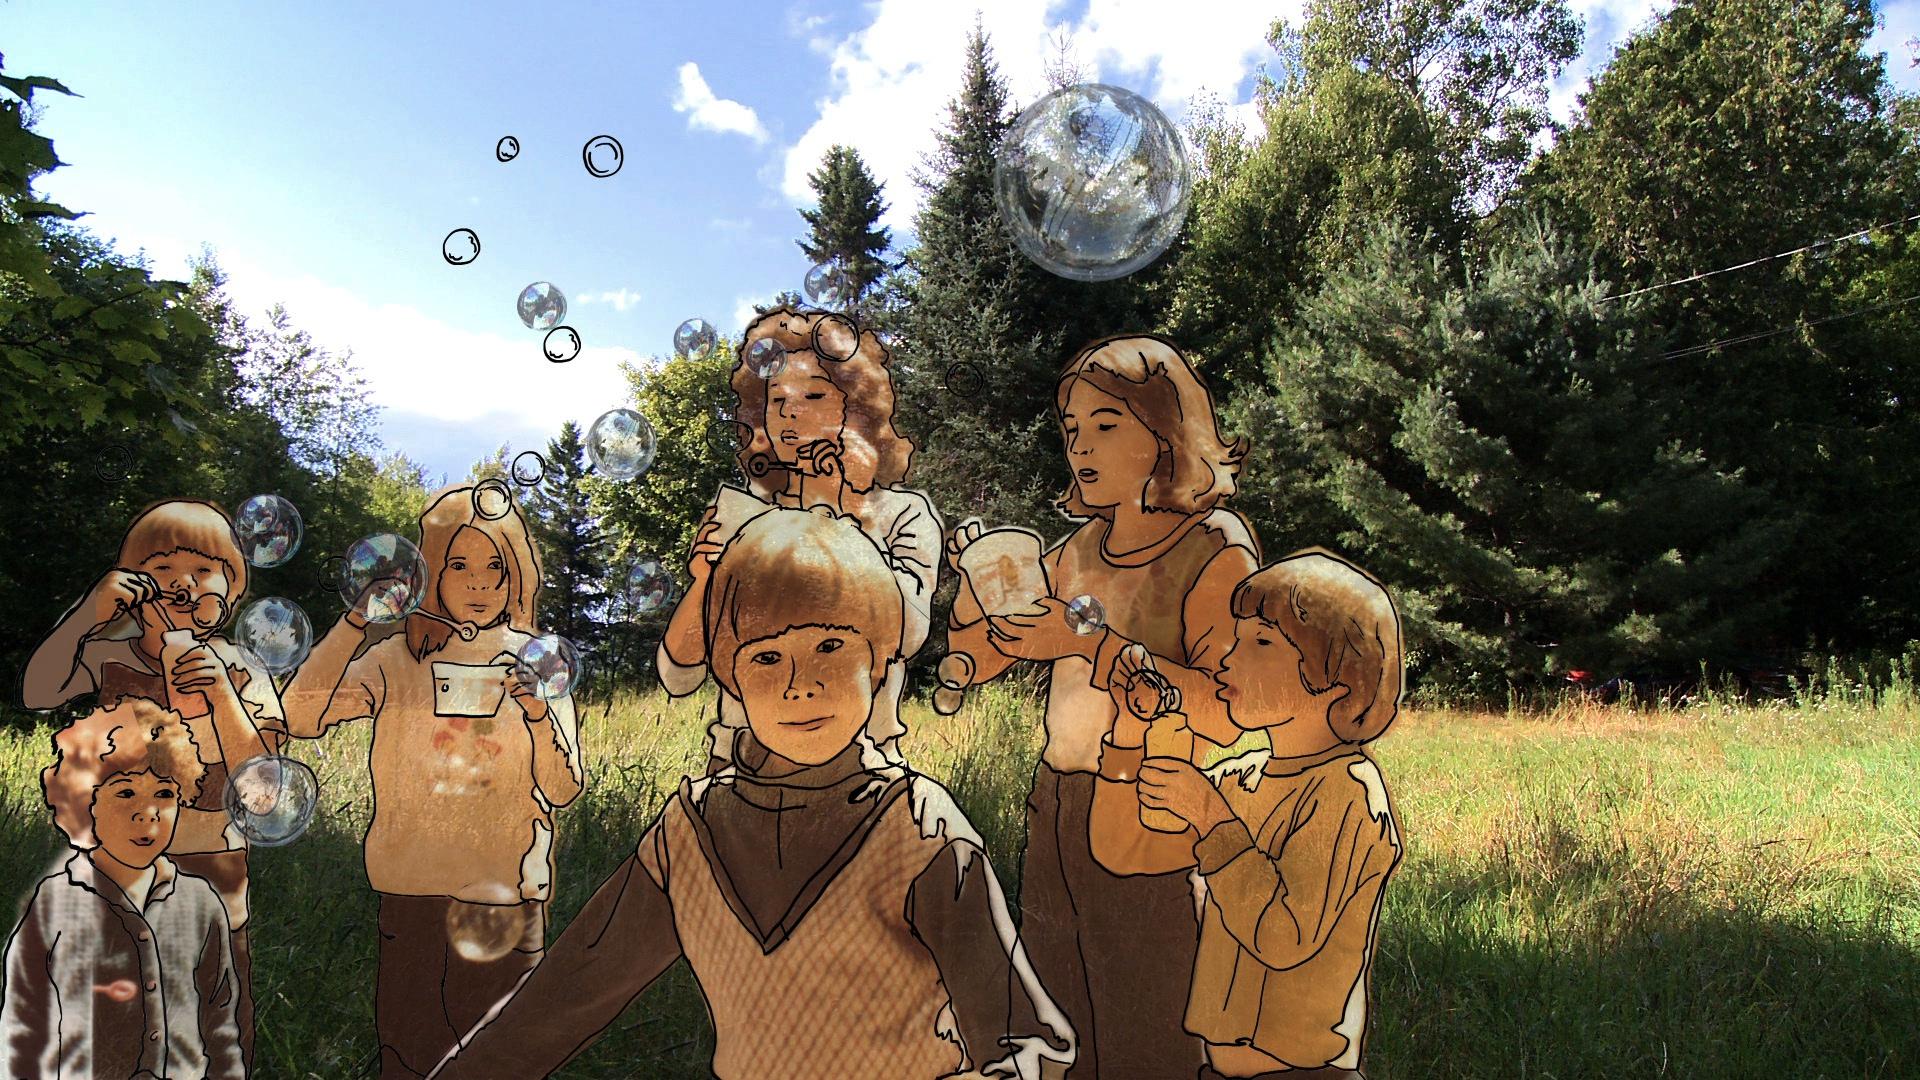 Blowing_Bubbles.jpg